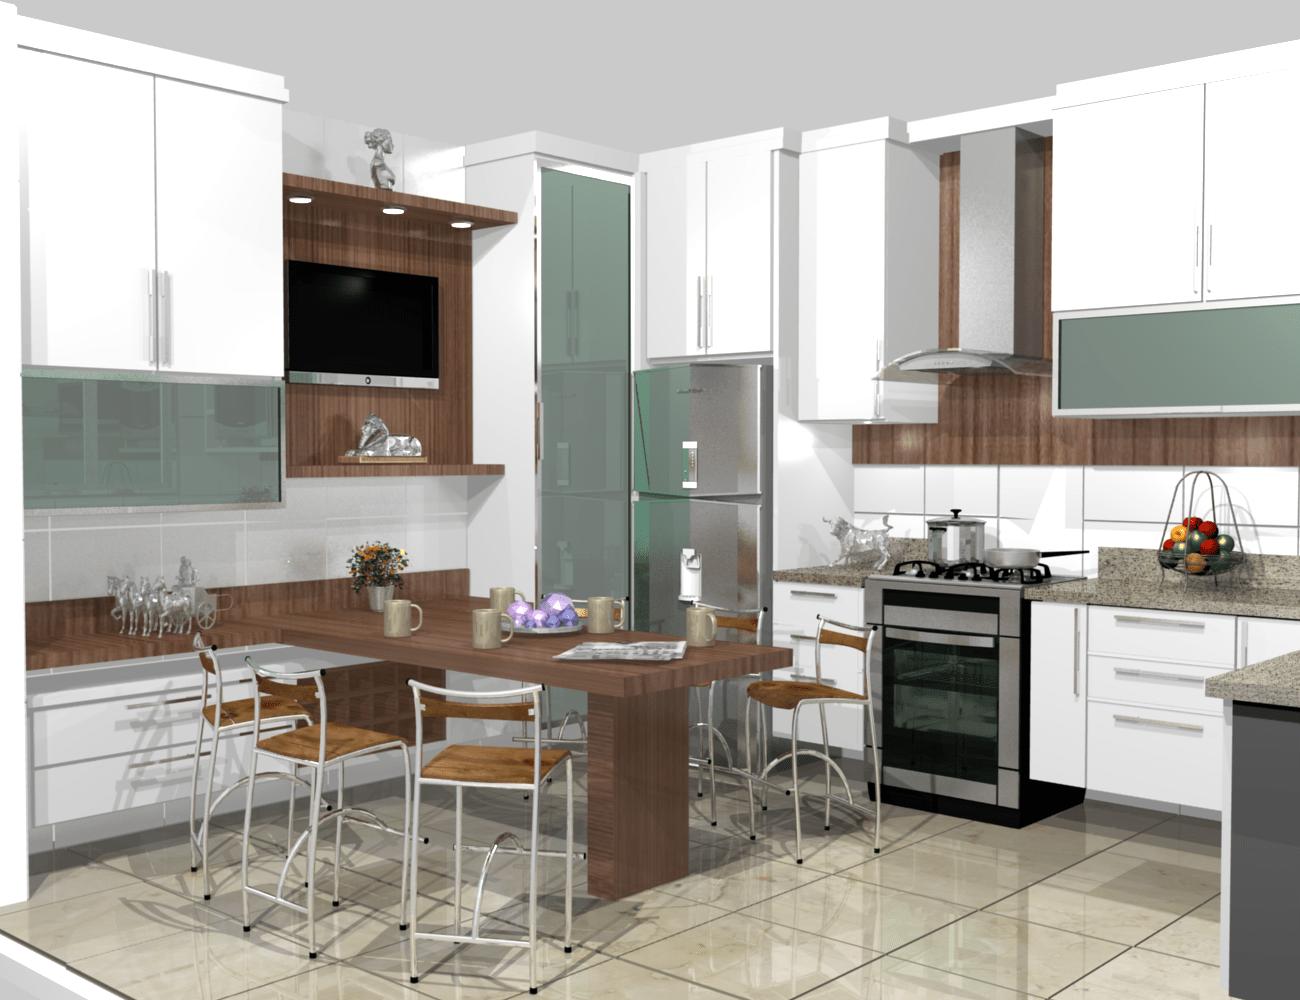 Cozinha Decorada Moderna Fotos Bela Feliz